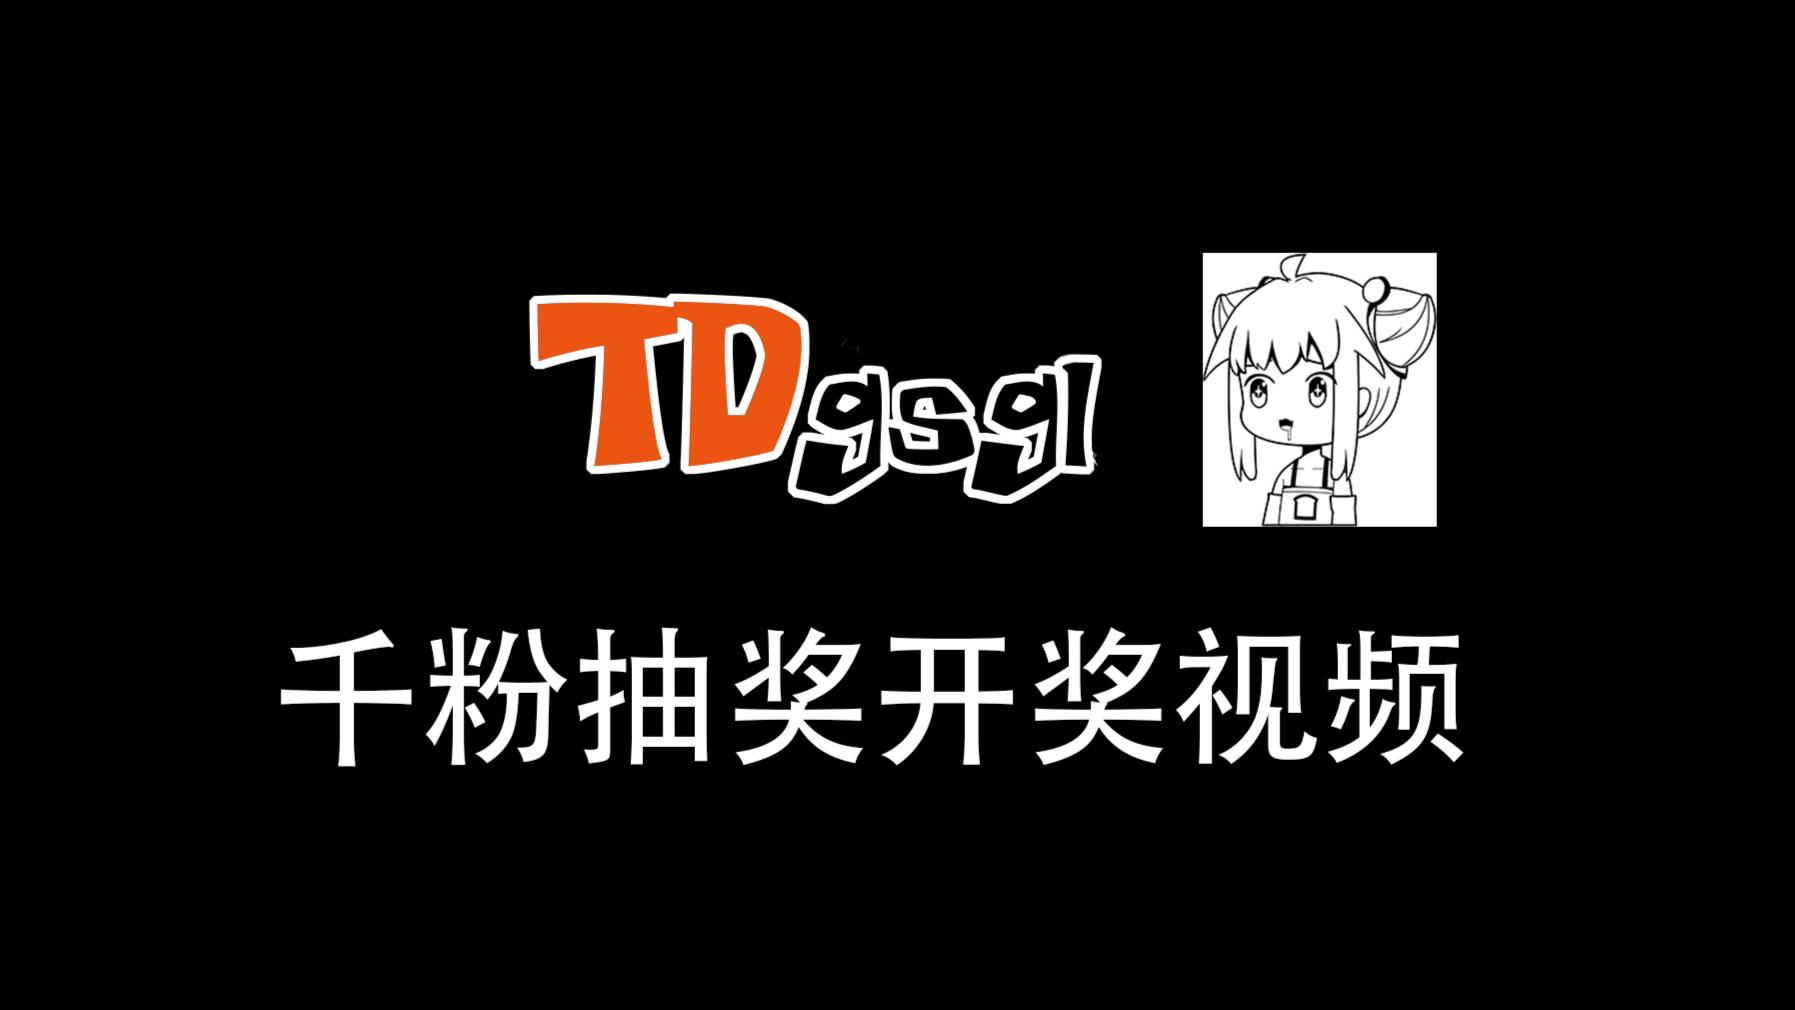 【论坛千粉抽奖】开奖视频